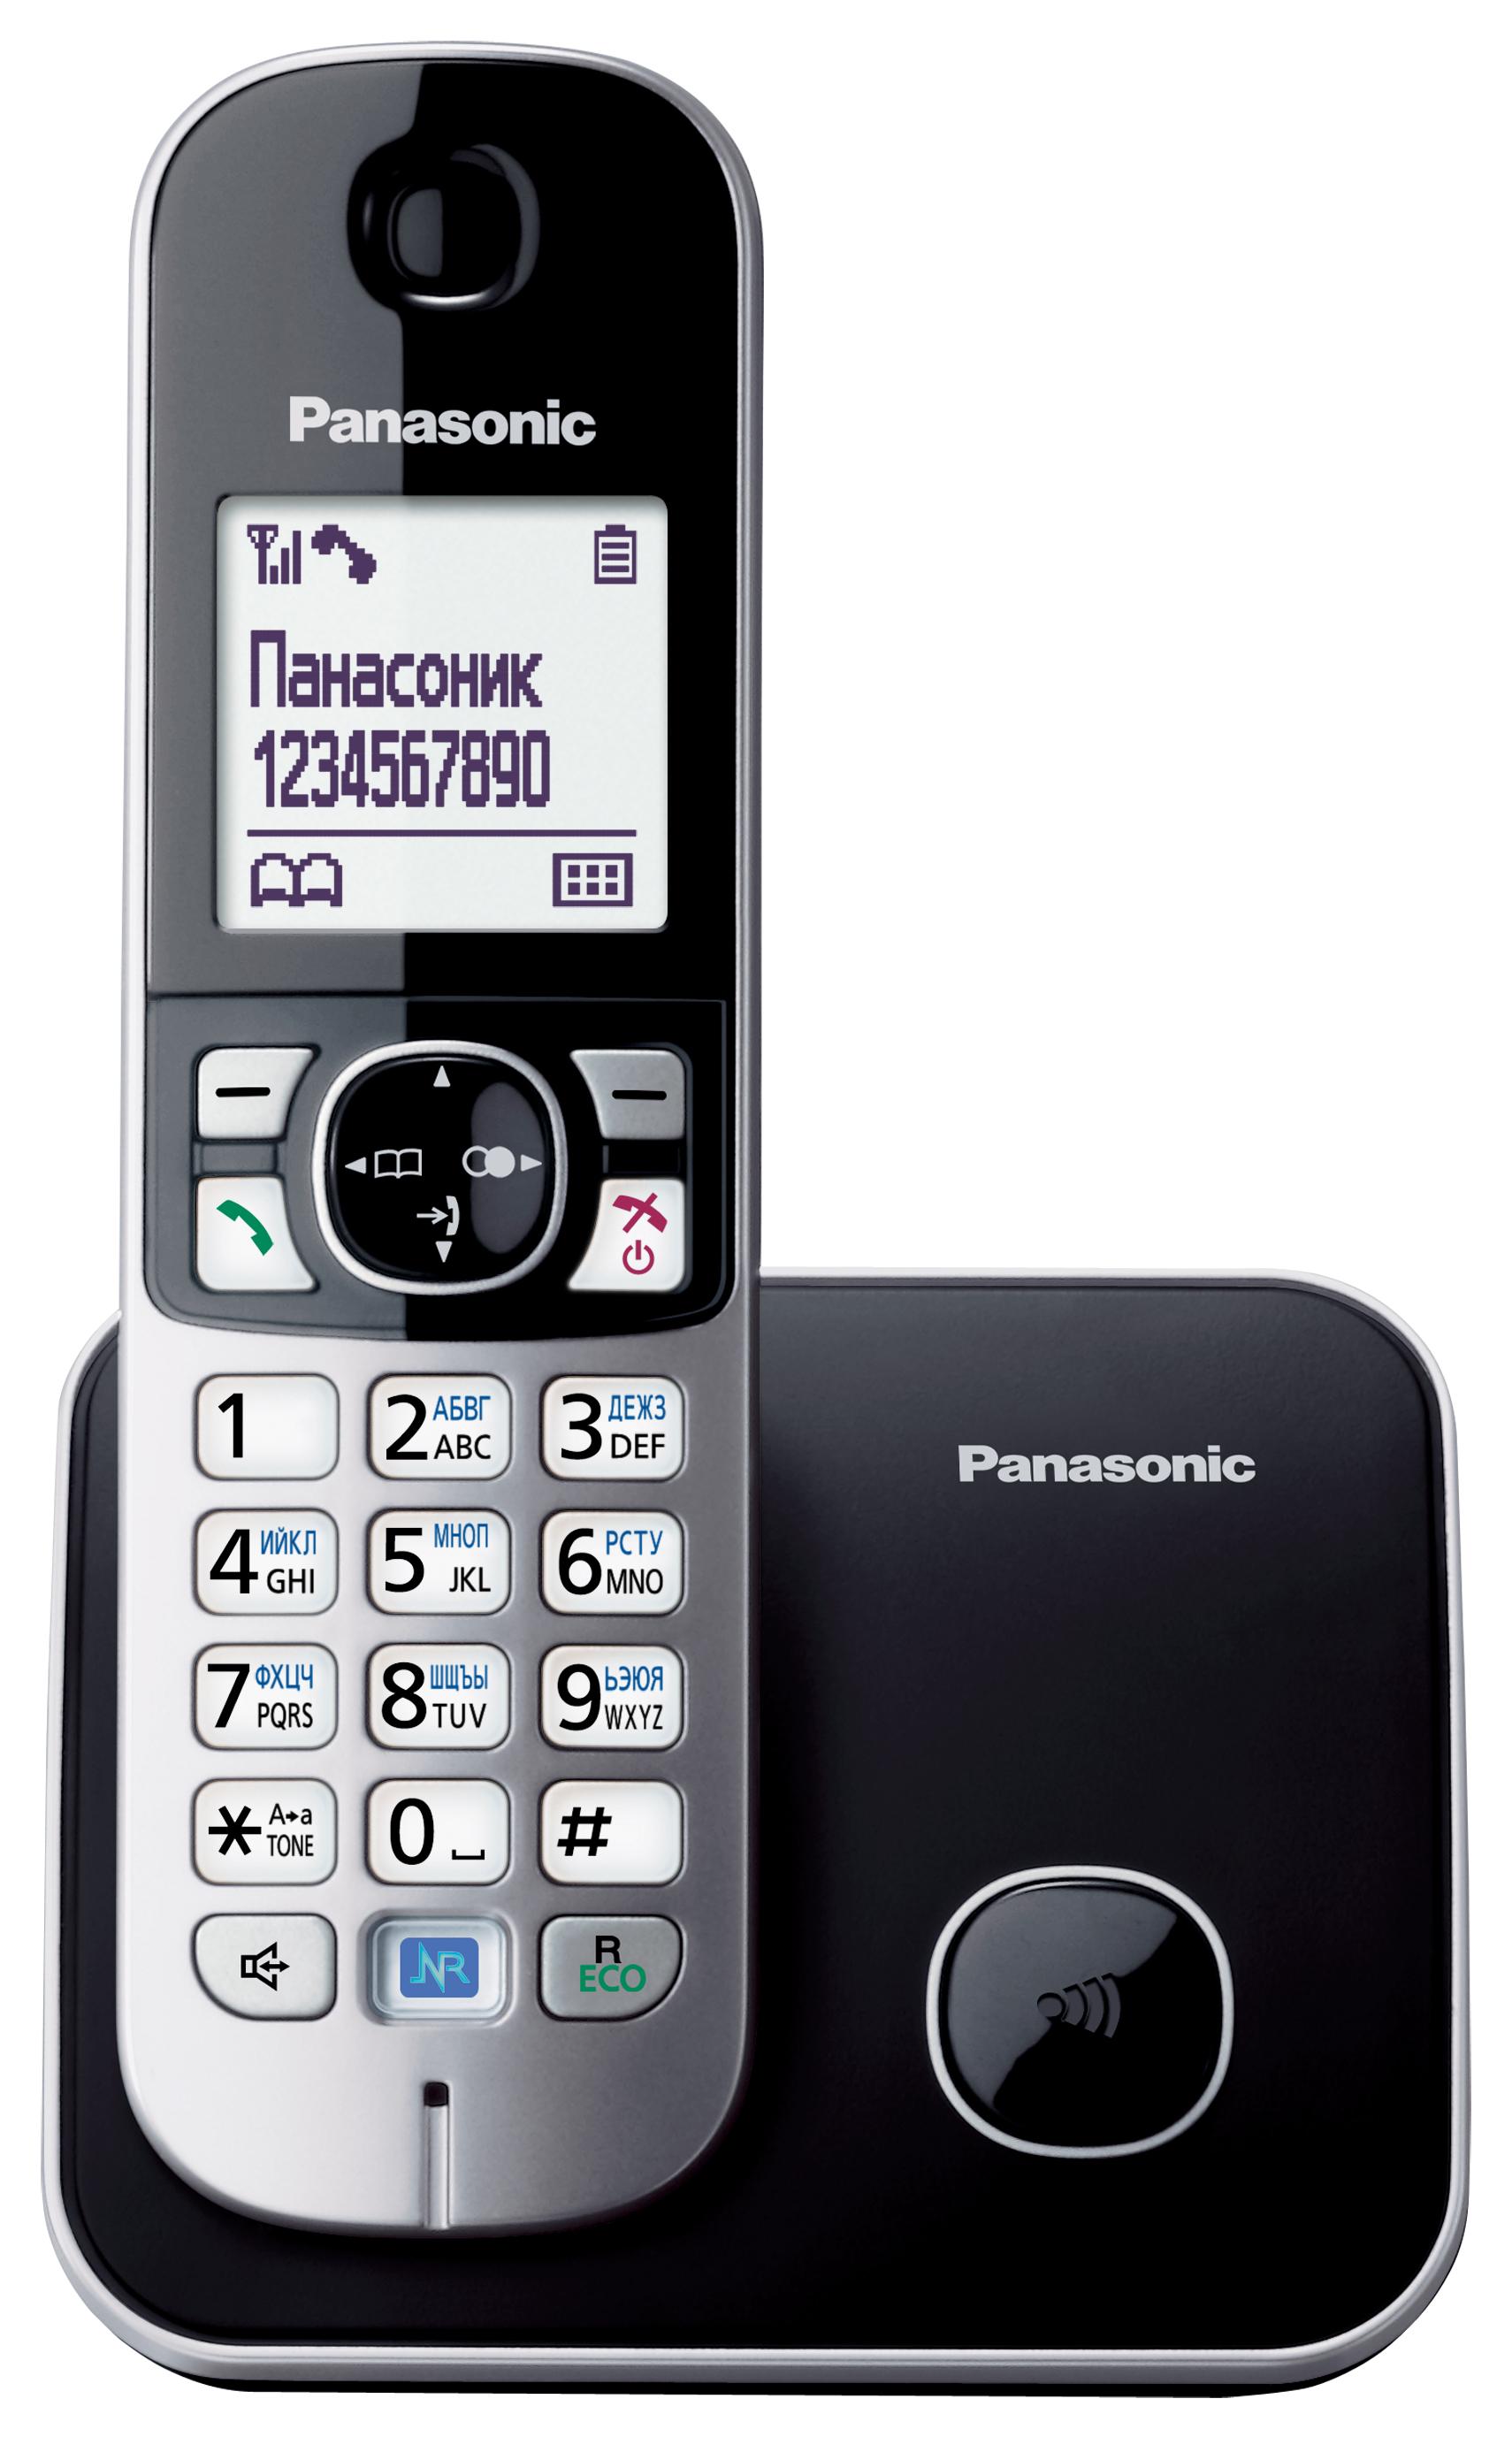 Радиотелефон Panasonic KX-TG6811RUBРадиотелефон Dect<br>Panasonic kx tg6811rub: исключительный комфорт!<br>Удобное управление, великолепная эргономика, стильный дизайн и высокая надежность — это еще не все, что может предложить вам радиотелефон Panasonic kx tg6811rub.<br>Помимо вышеперечисленных бесспорных достоинств этот аппарат отличается отличной функциональностью. Внутренняя и конференц-связь, ускоренный набор, определитель номера и Caller ID, телефонная книга на 120 номеров, ночной режим, спикерфон — приобретая такой телефон, вы приобретаете возможность всегда общаться с исключительным комфортом!<br>Мы абсолютно уверены,...<br><br>Тип: Радиотелефон<br>Количество трубок: 1<br>Рабочая частота: 1880-1900 МГц<br>Стандарт: DECT/GAP<br>Возможность набора на базе: Нет<br>Проводная трубка на базе : Нет<br>Время работы трубки (режим разг. / режим ожид.): 15 / 170 ч<br>Дисплей: на трубке, 2 строки<br>Подсветка кнопок на трубке: Есть<br>Журнал номеров: 50